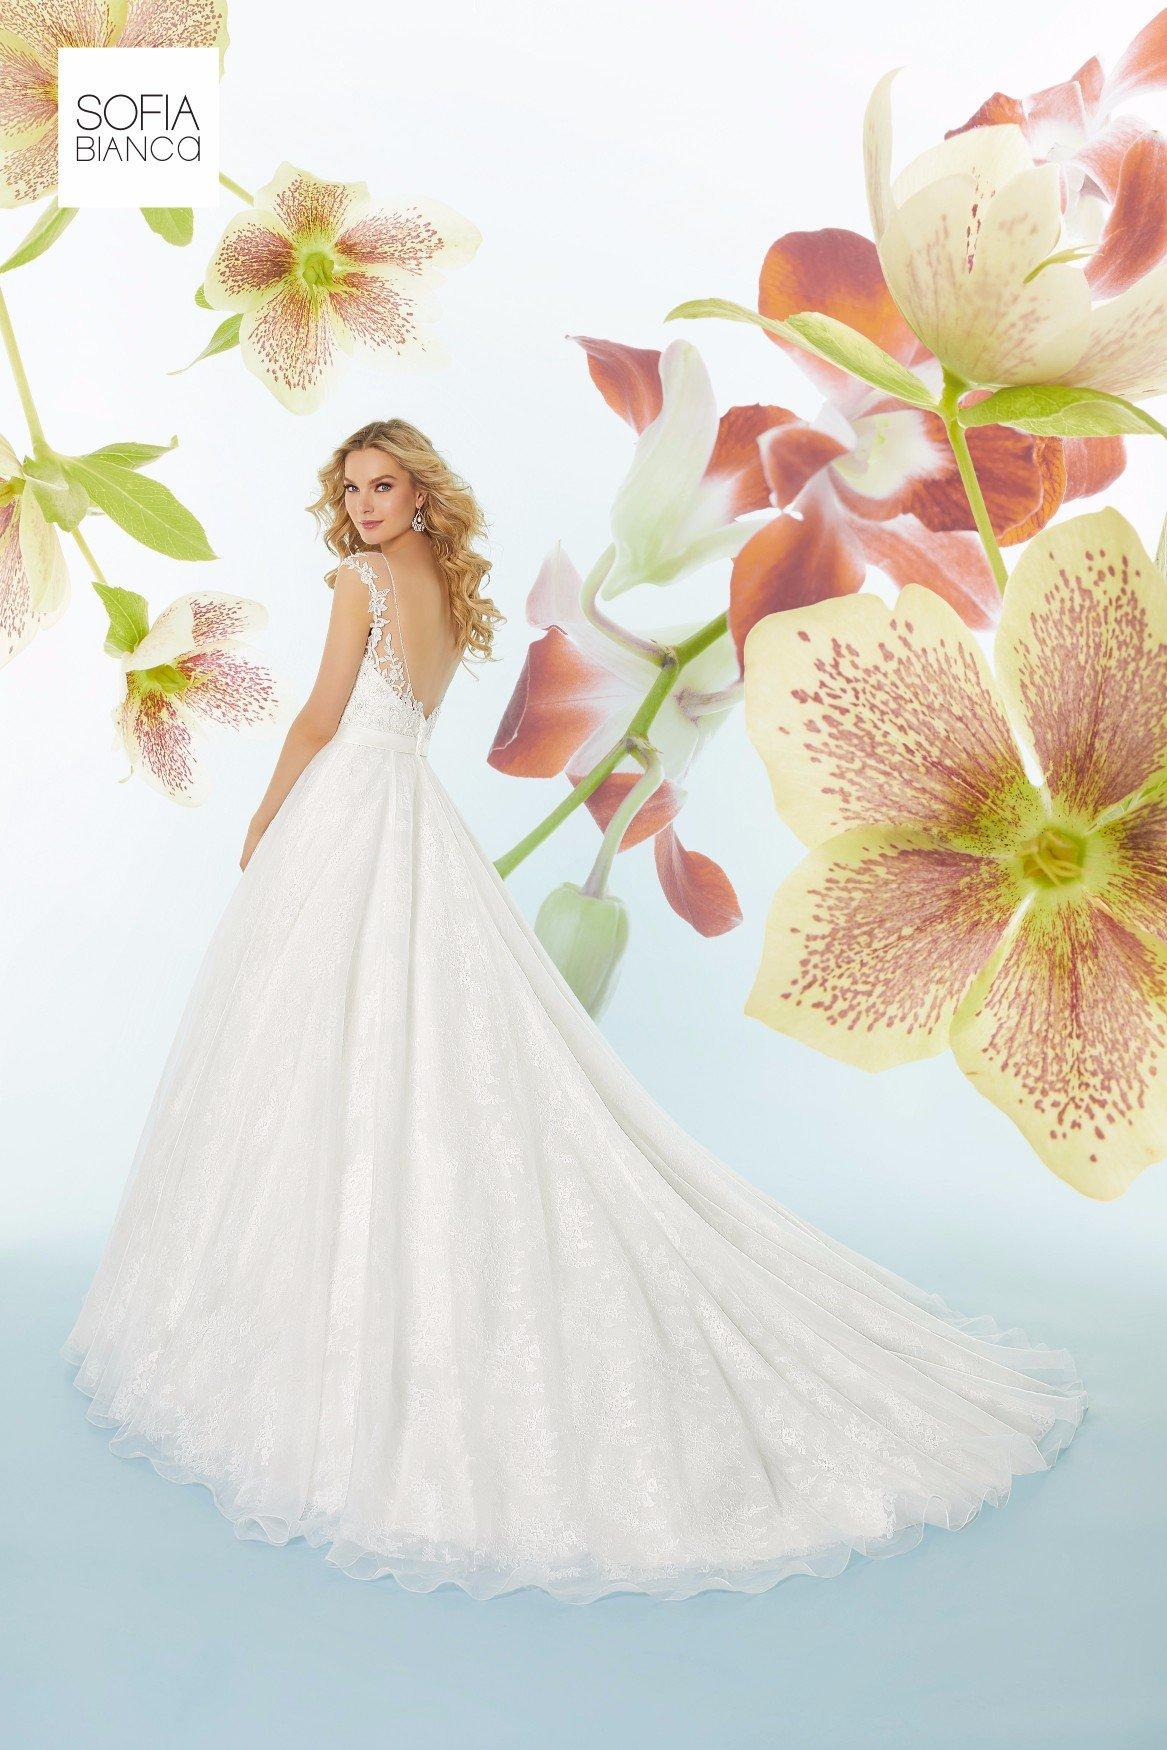 Abito da sposa bianco, in stile principessa, realizzato su misura